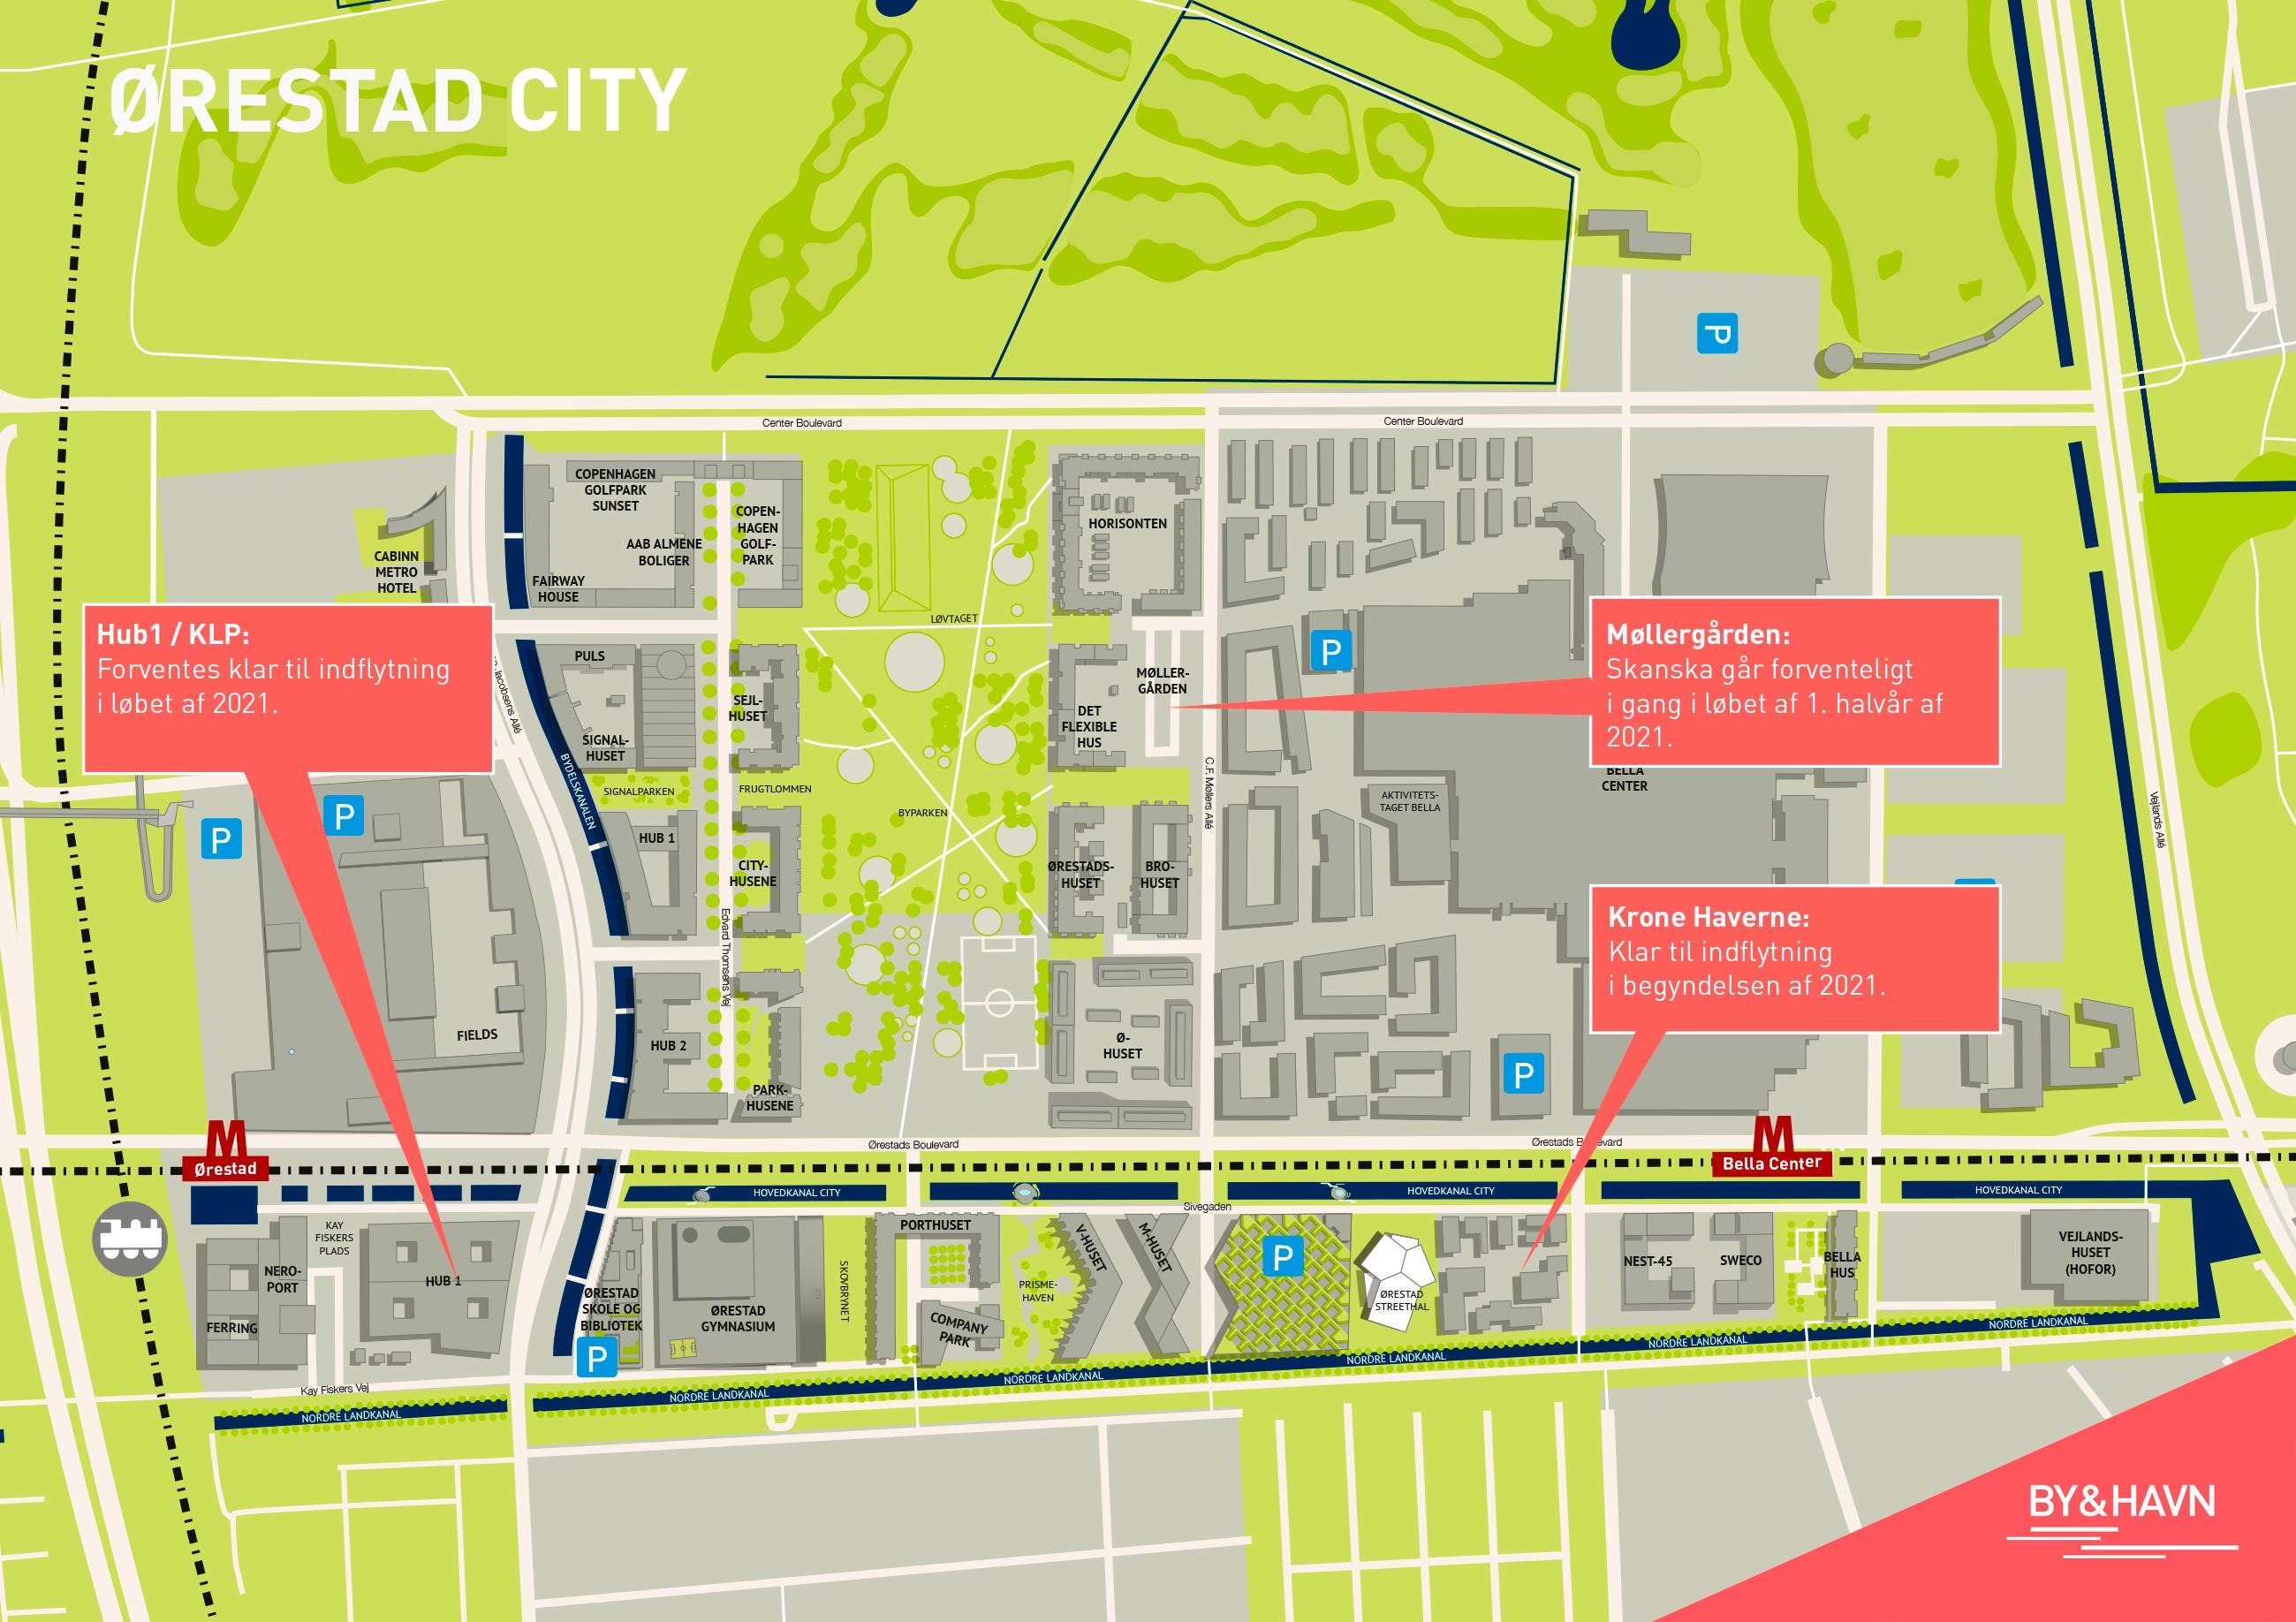 Kort over Ørestad City viser nuværende og fremtidig byggeaktivitet